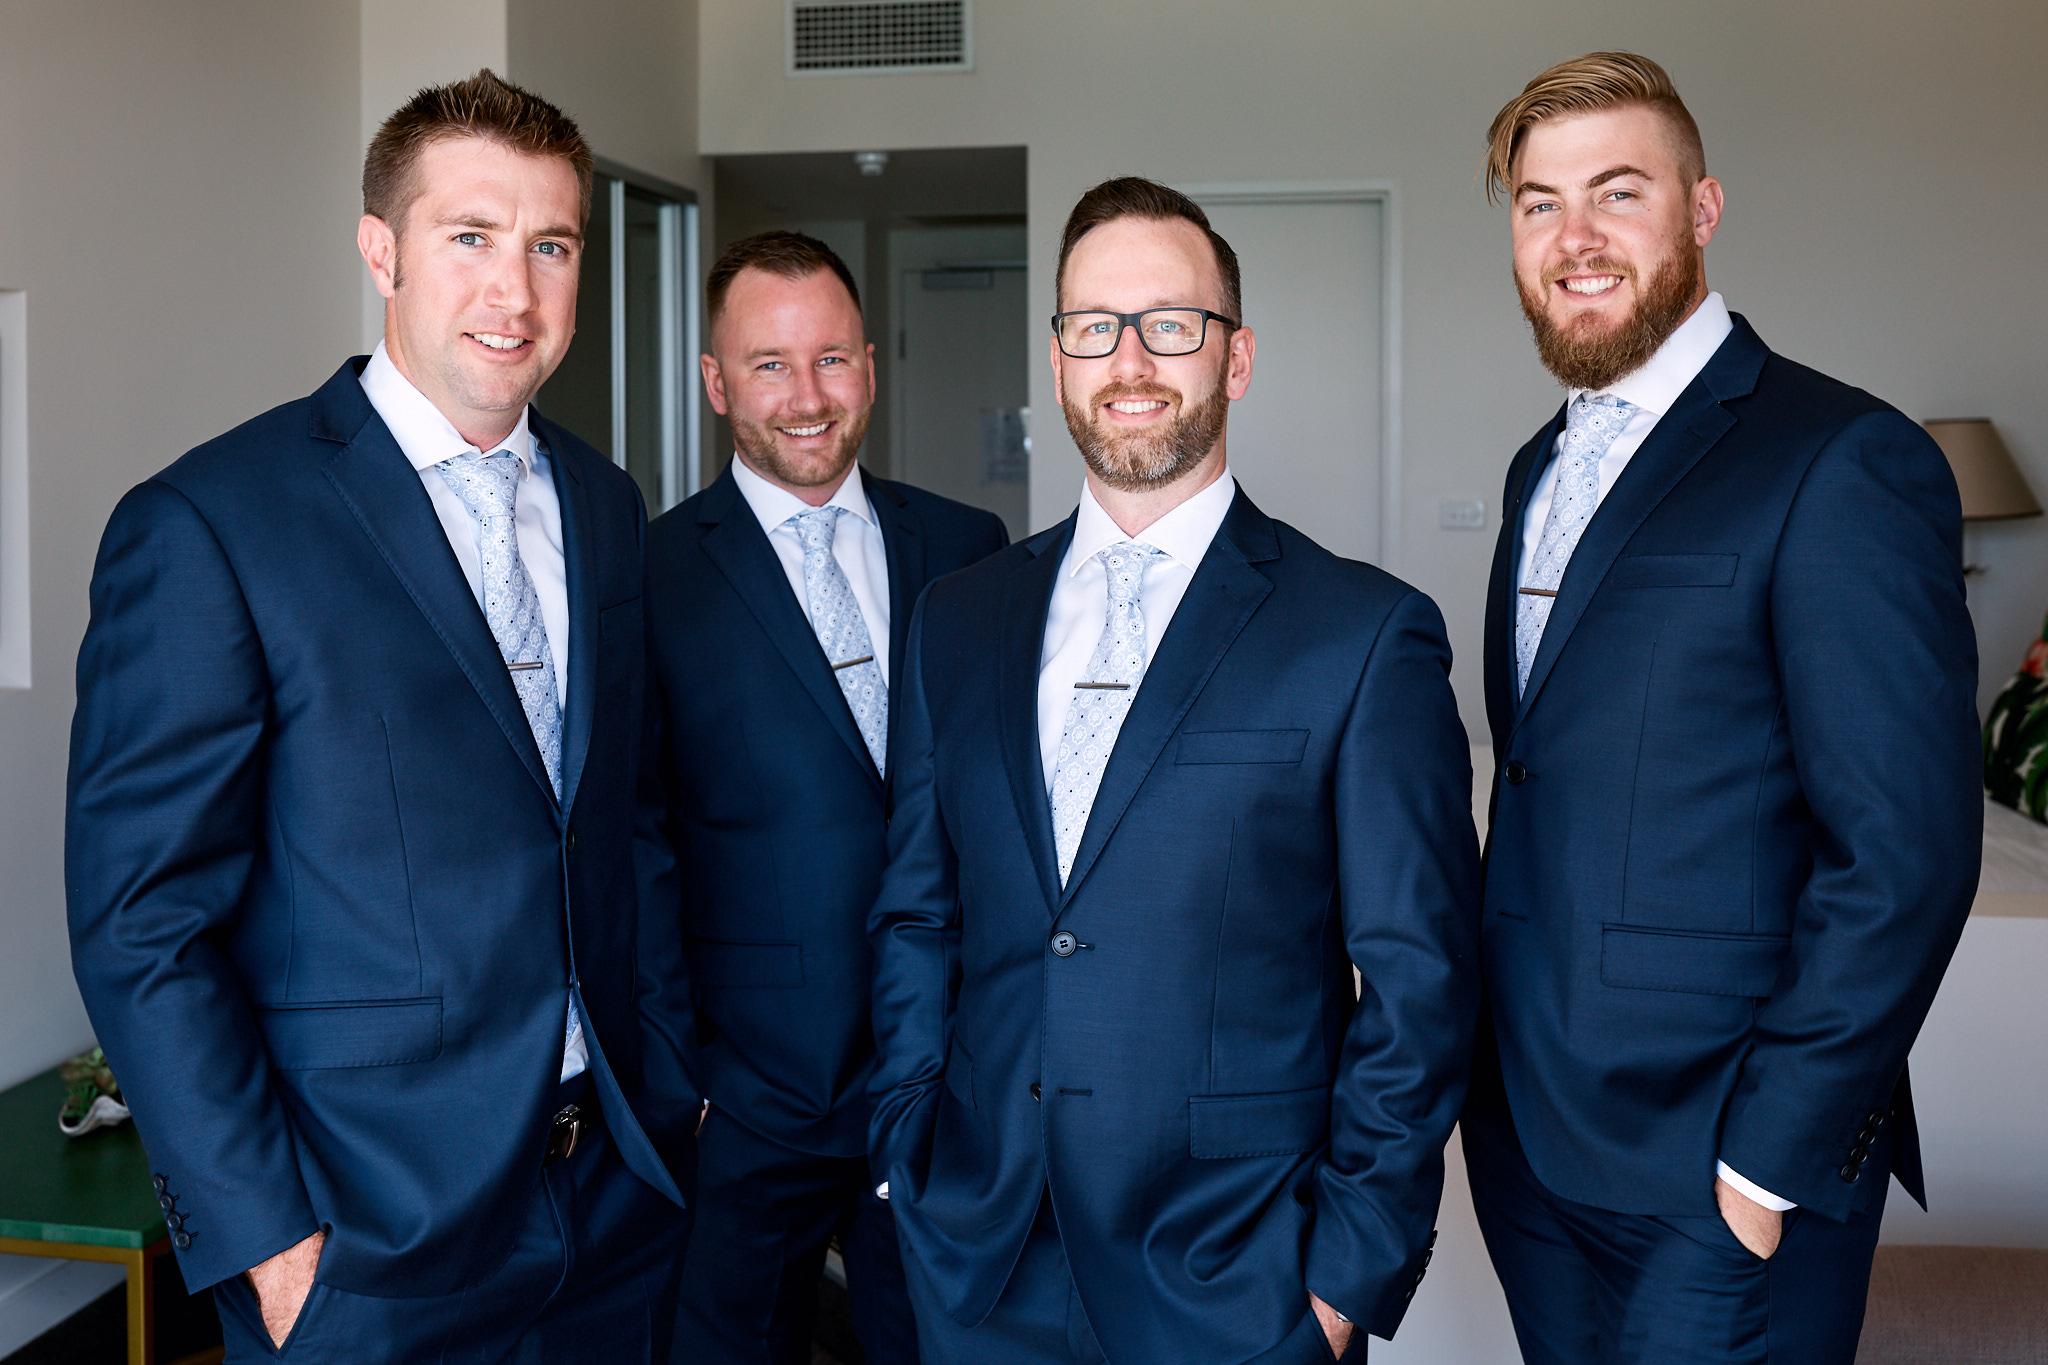 groomsmen in hotel room.jpg